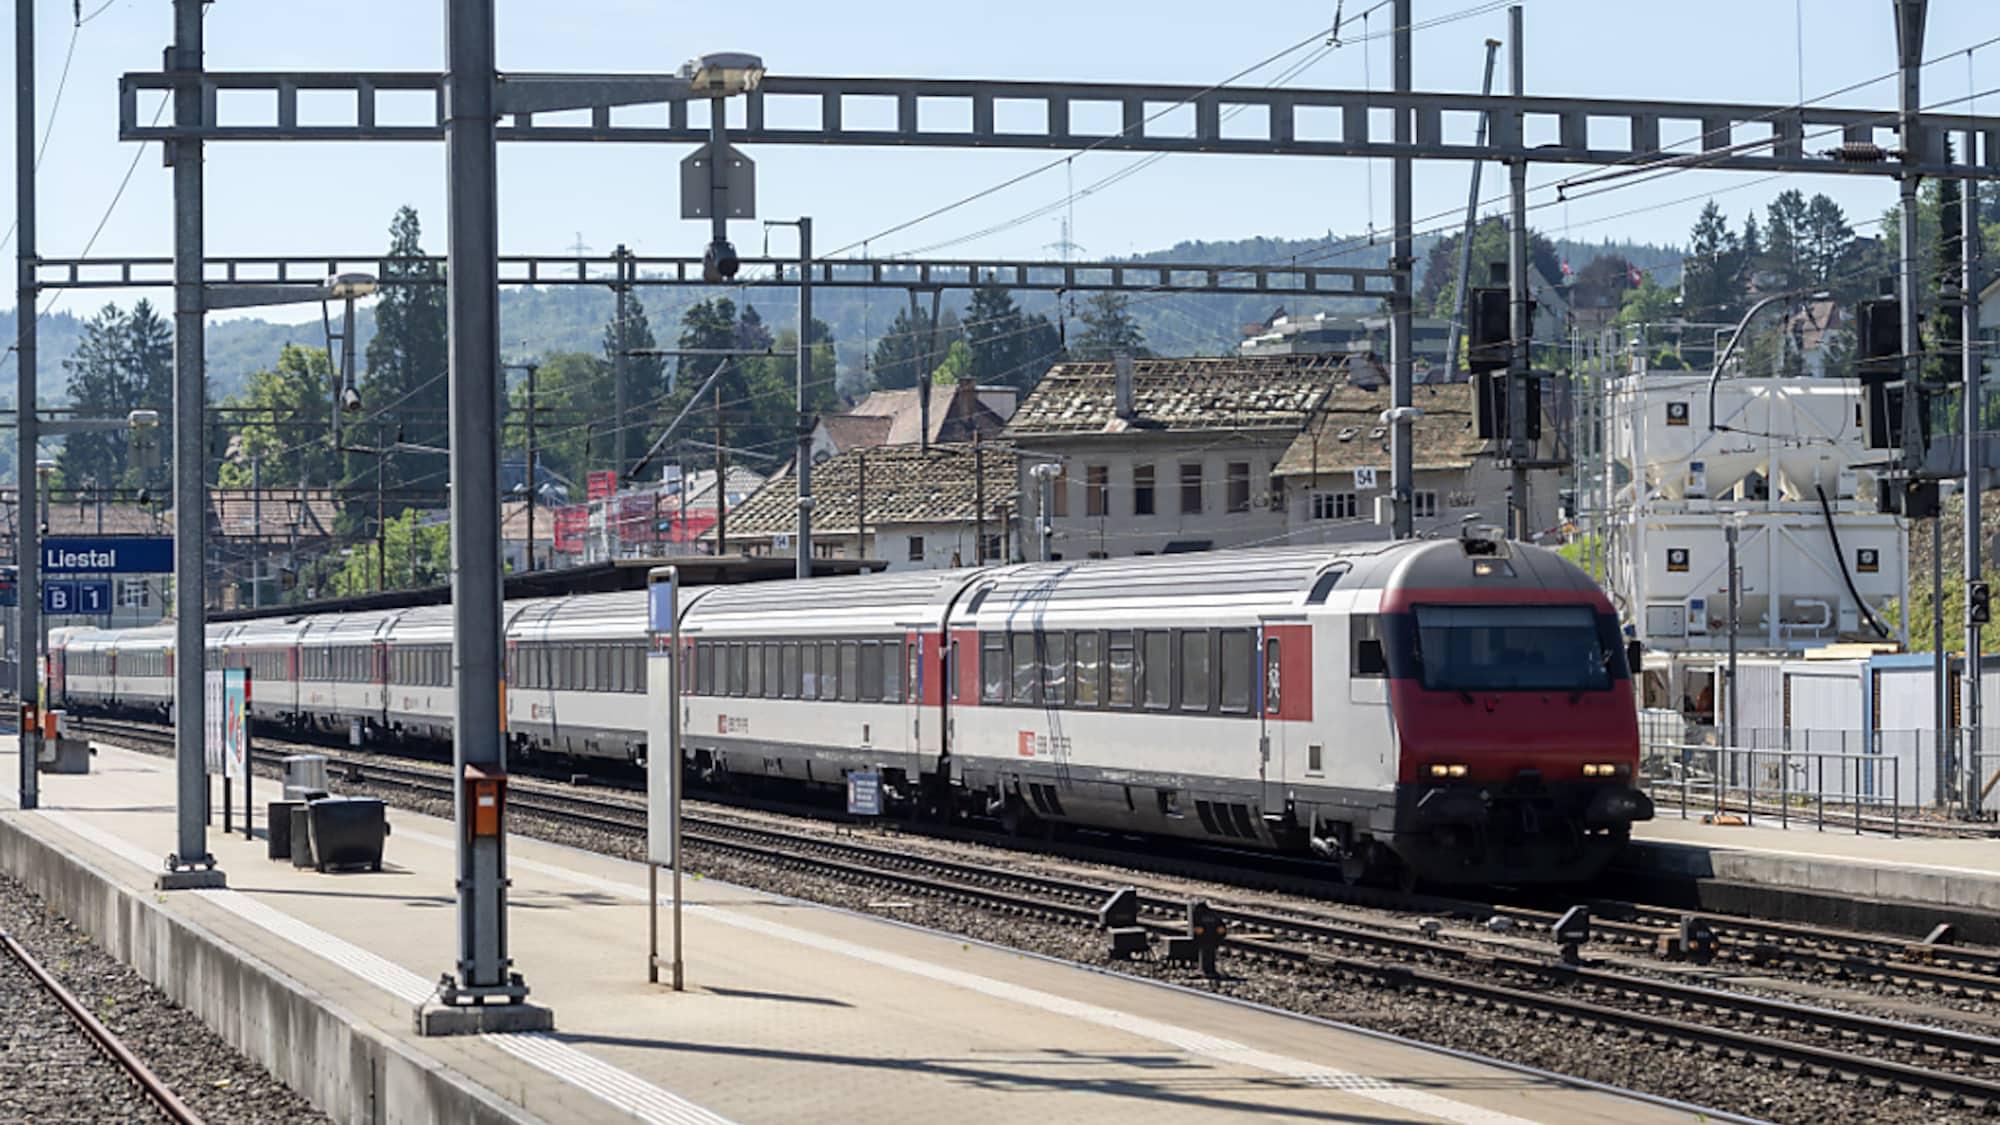 Bahnverkehr: Zug verpasst Halt in Morges VD - Fahrgäste steigen auf Schotter aus